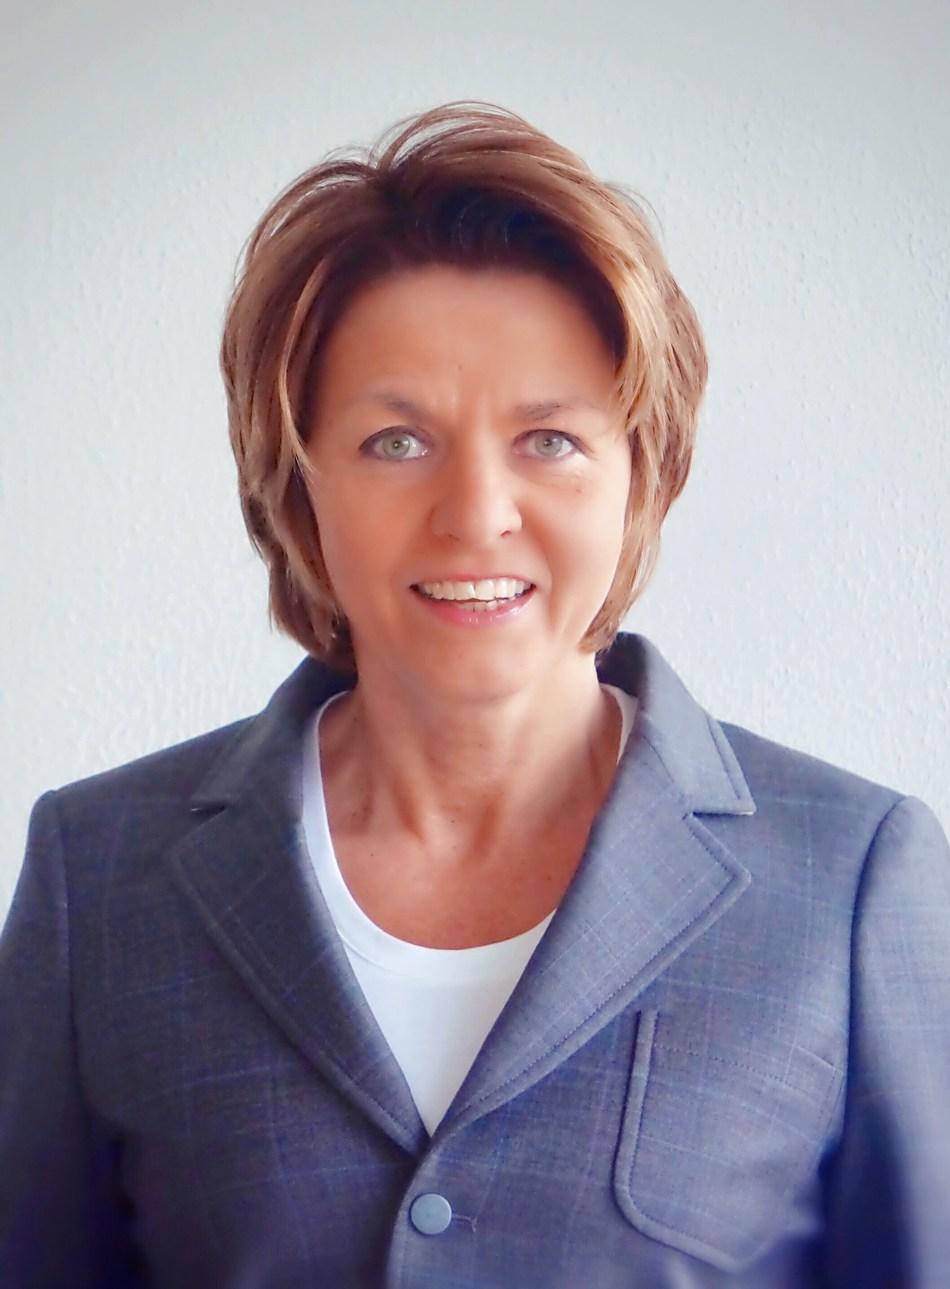 Venesa Hoffmann, Vice President Business Development & Operations, EMEA